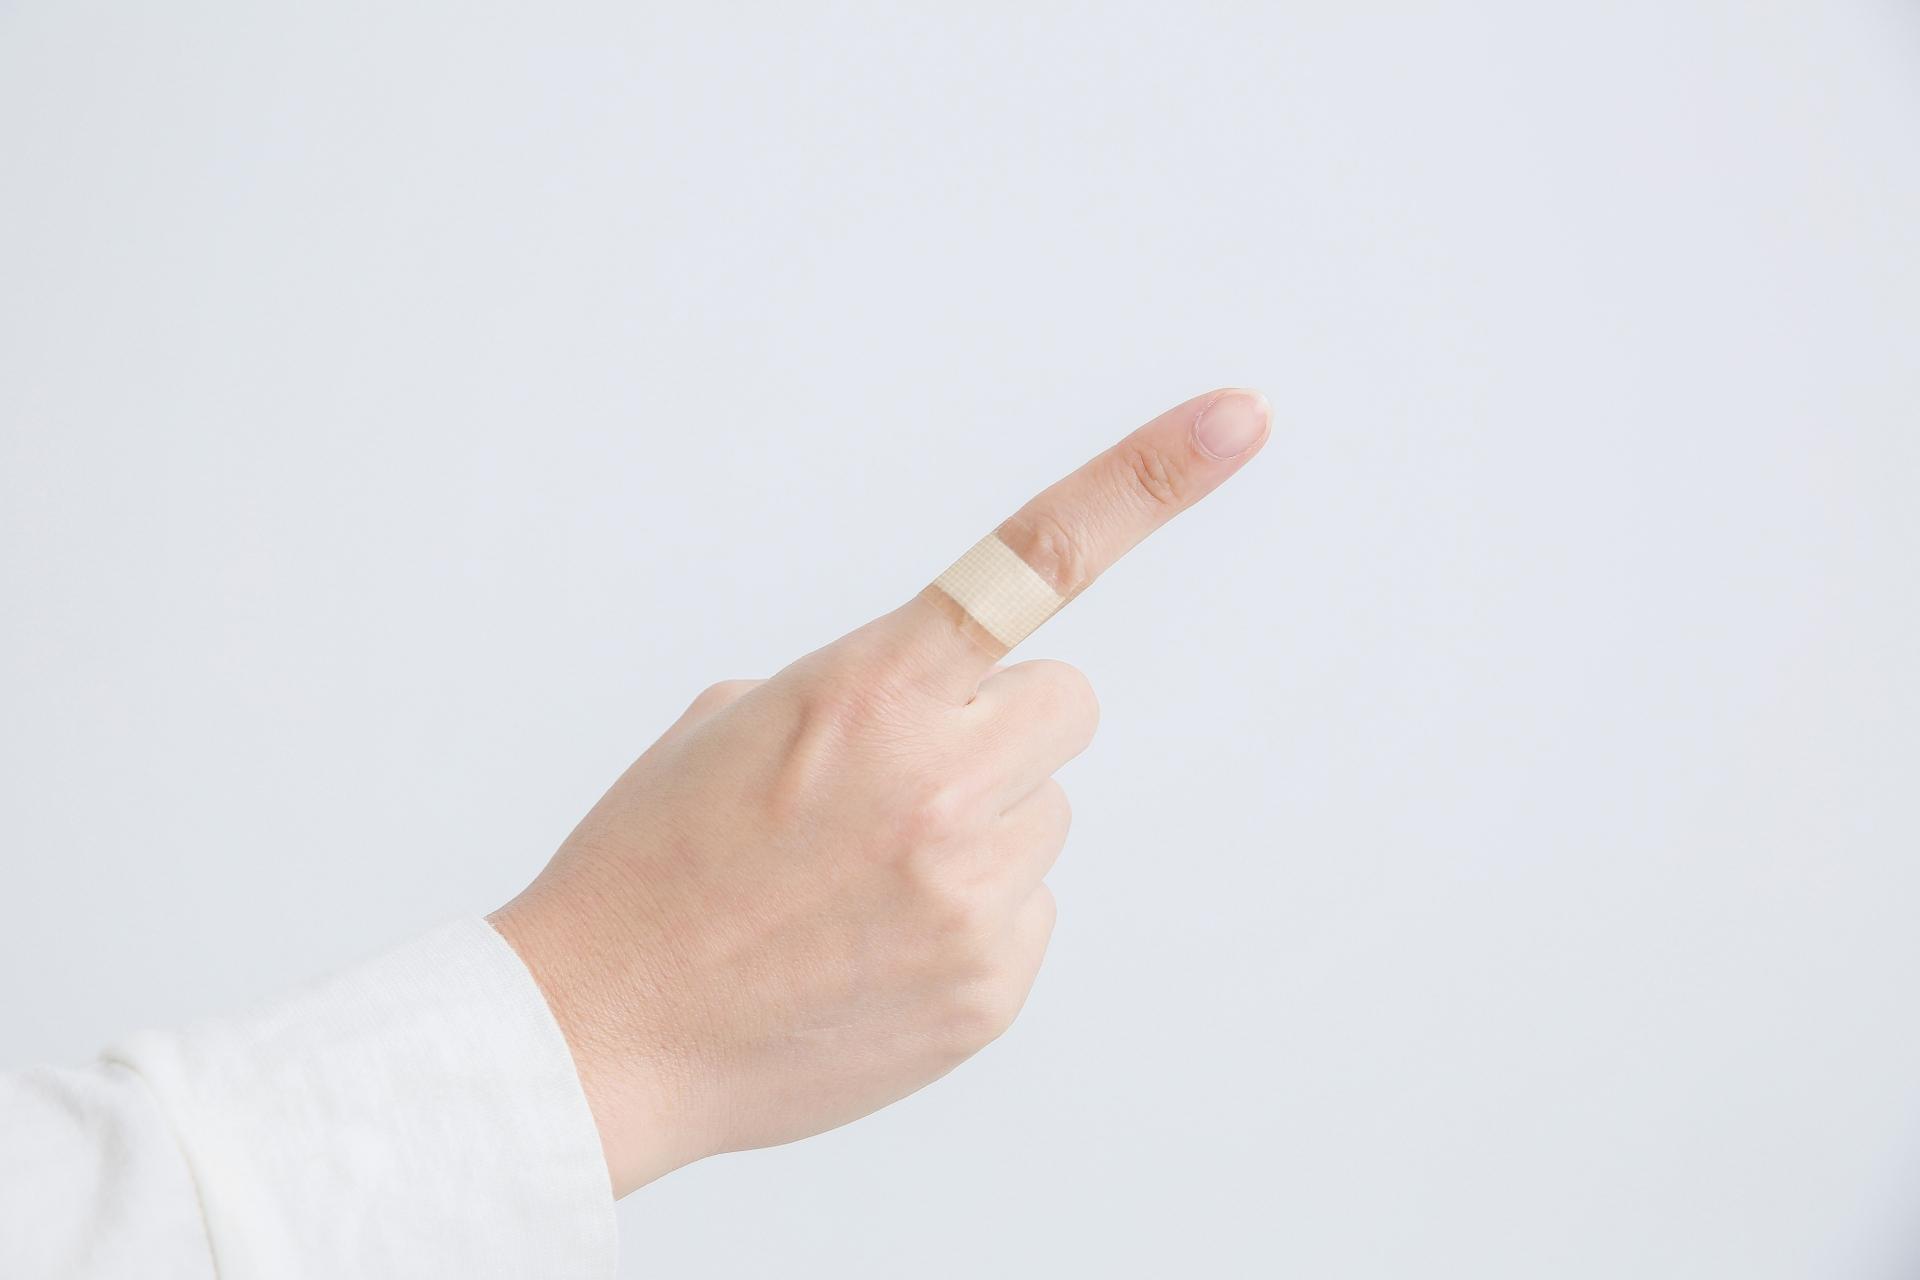 指 切り傷